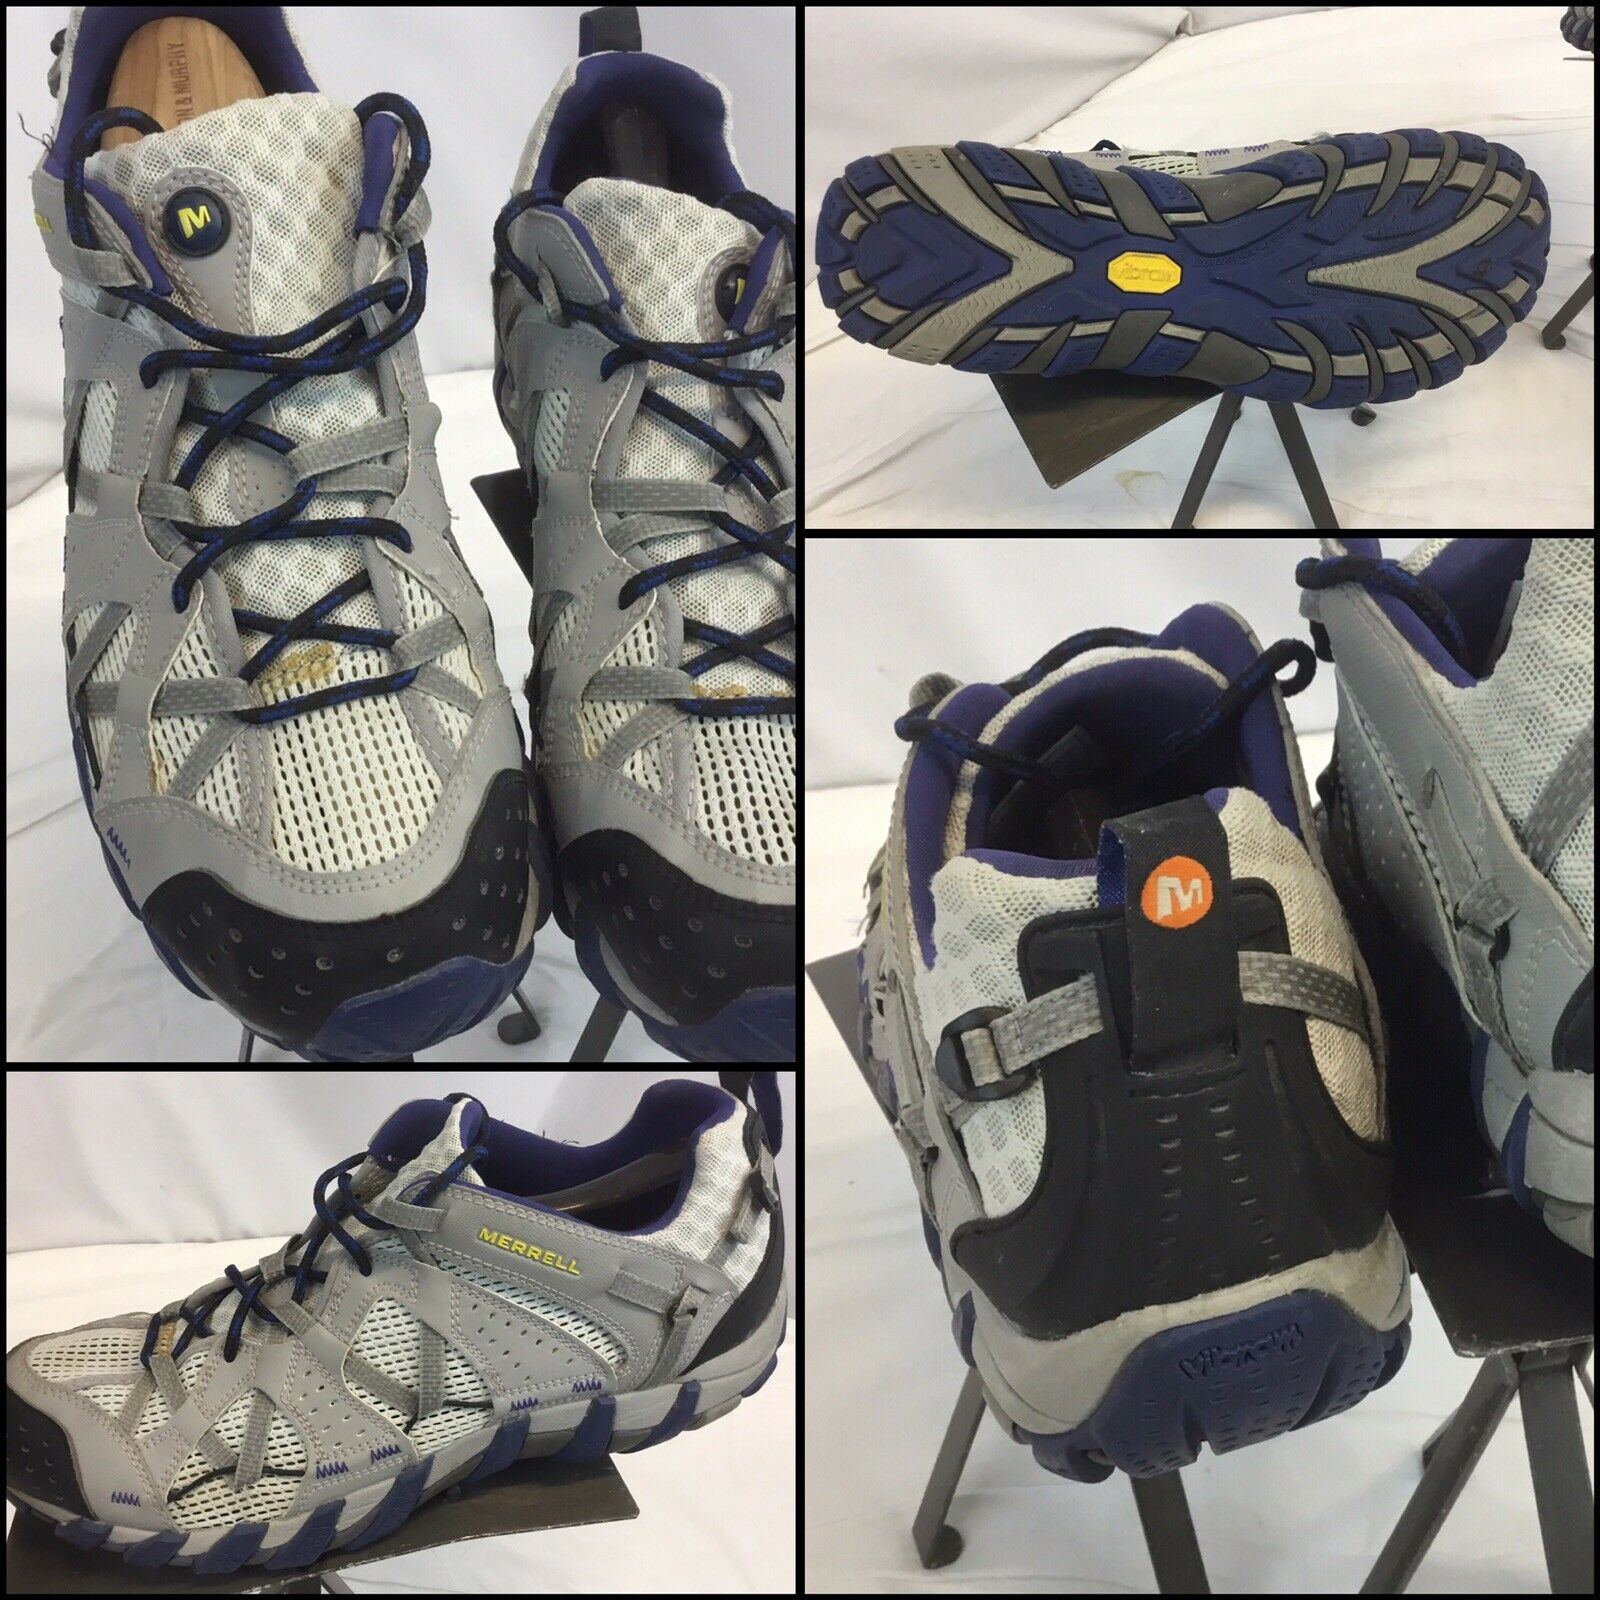 Merrell Drizzle senderismo zapatos talla 10 hombres suelas Vibram gris usado dos veces ygi B9S-40